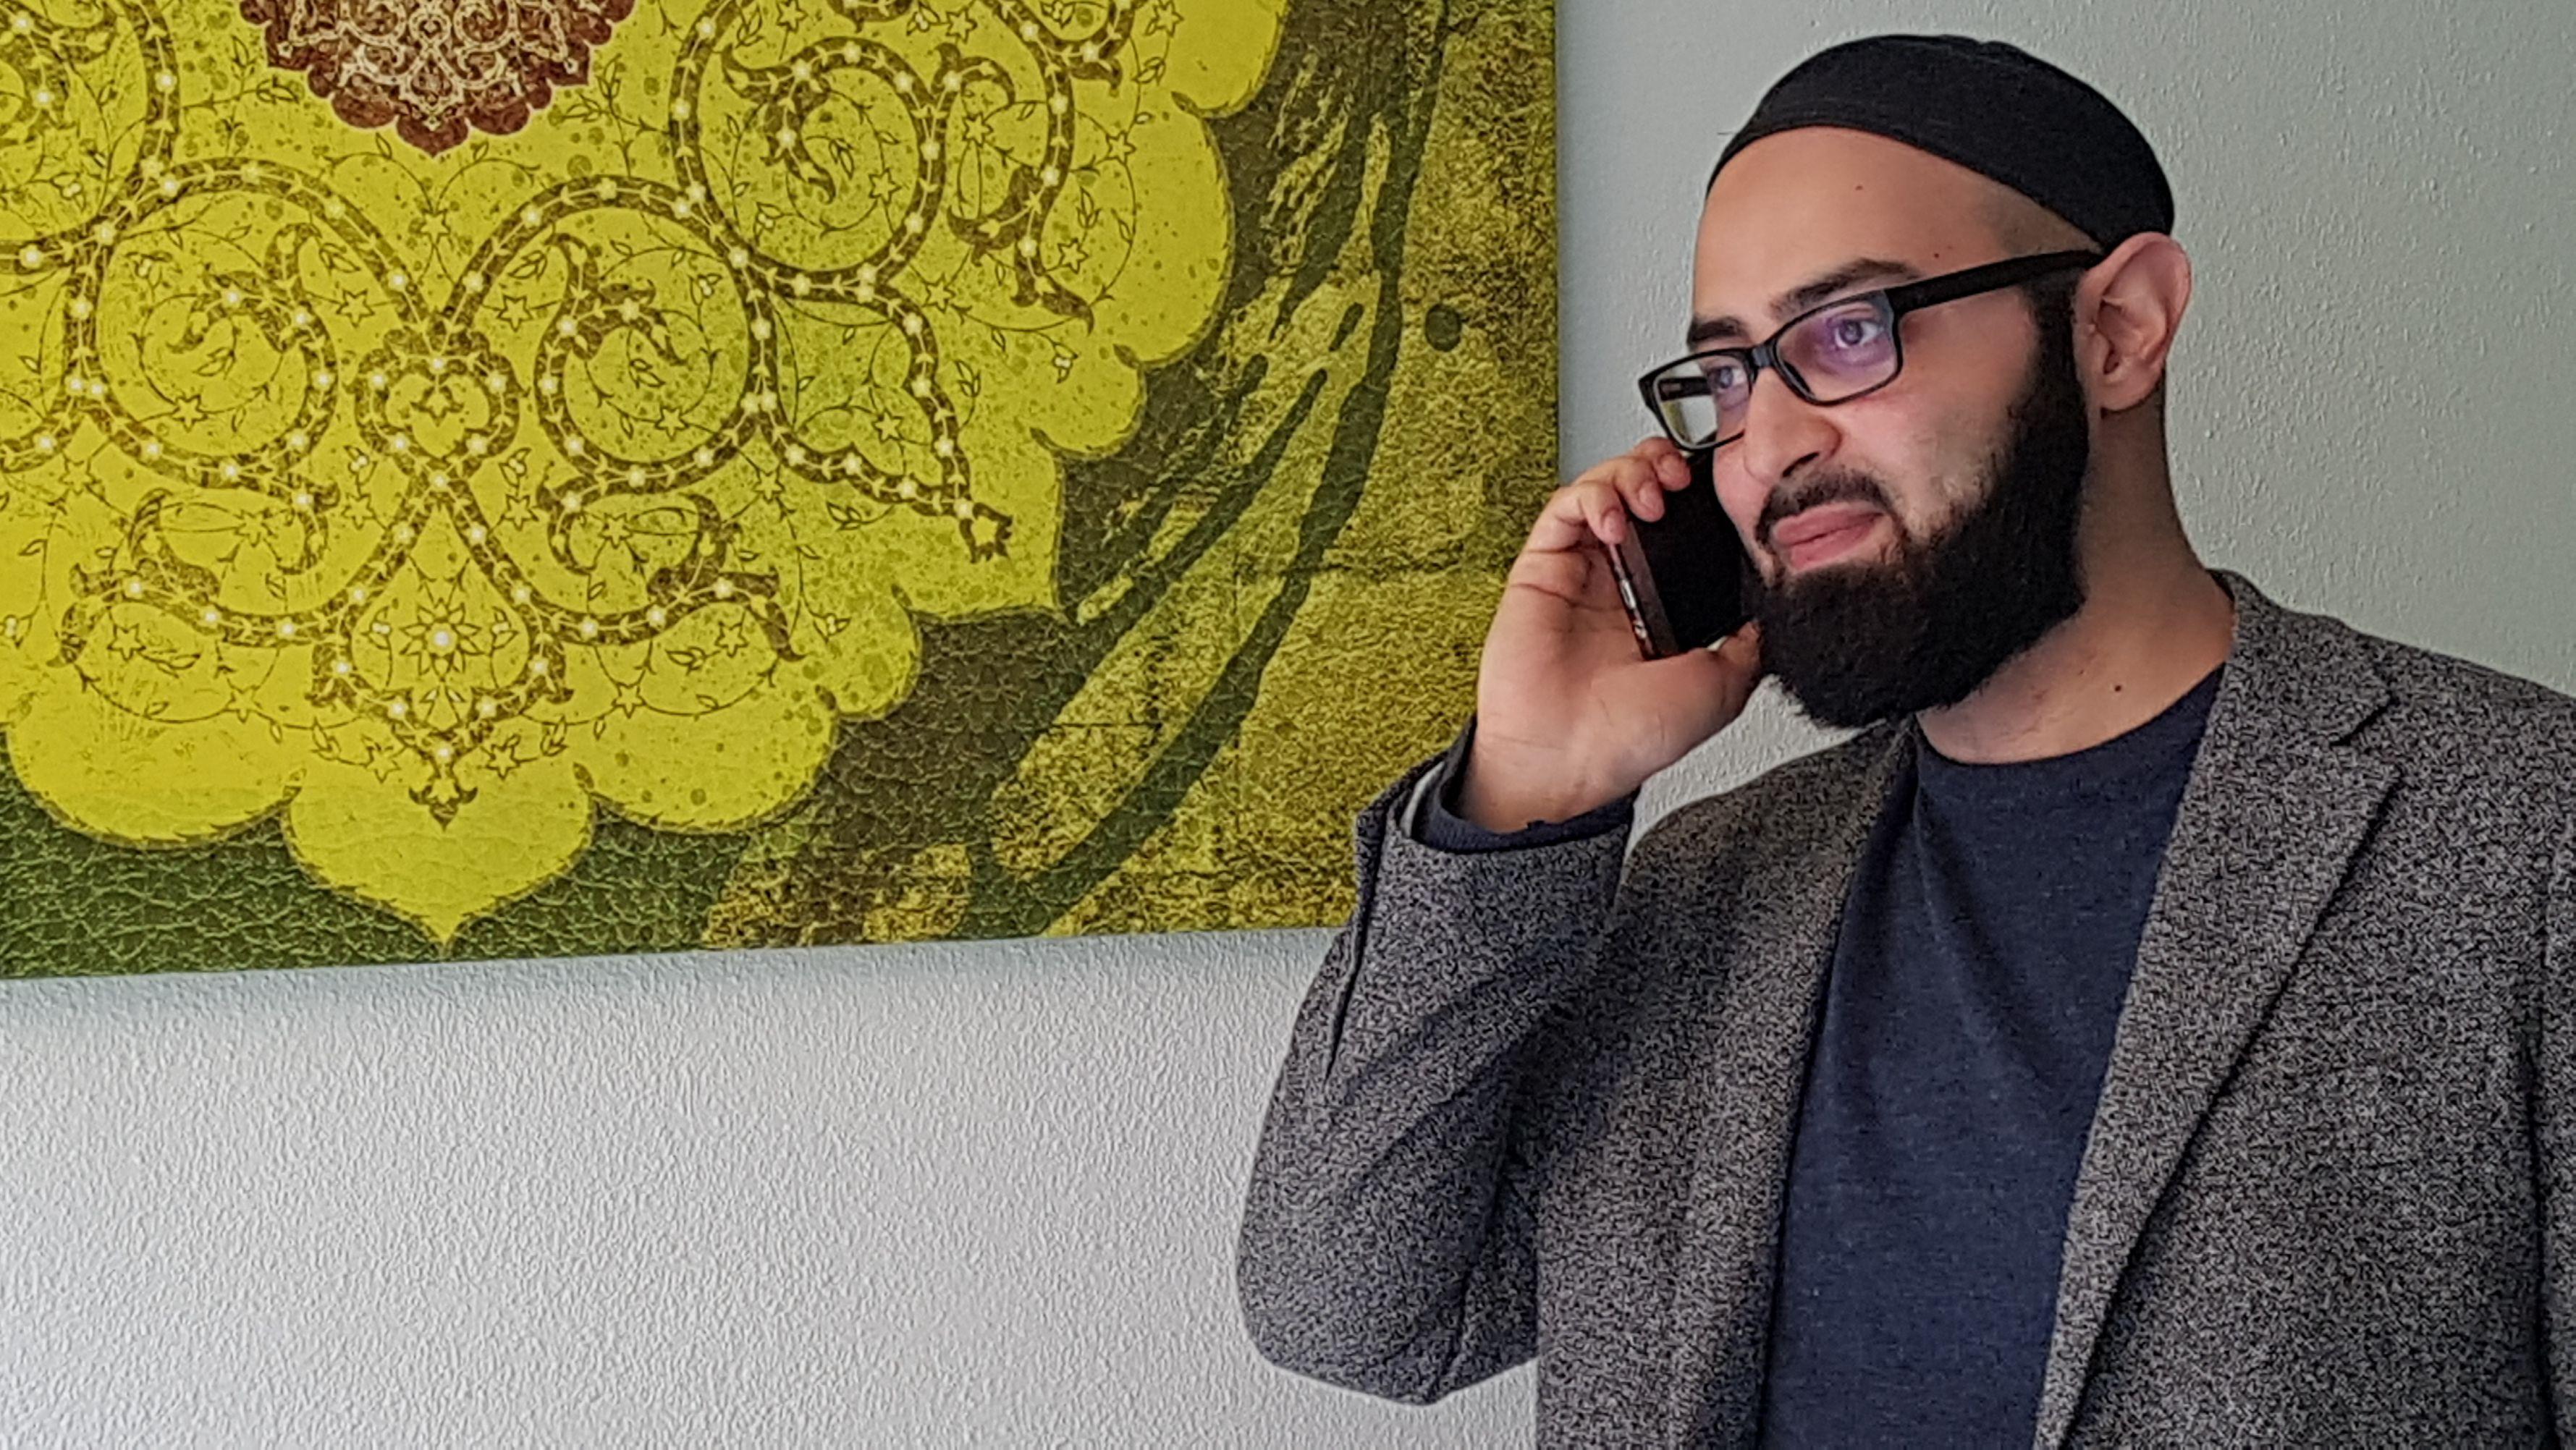 Imam Ahmad Popal telefoniert mit seinem Smartphone